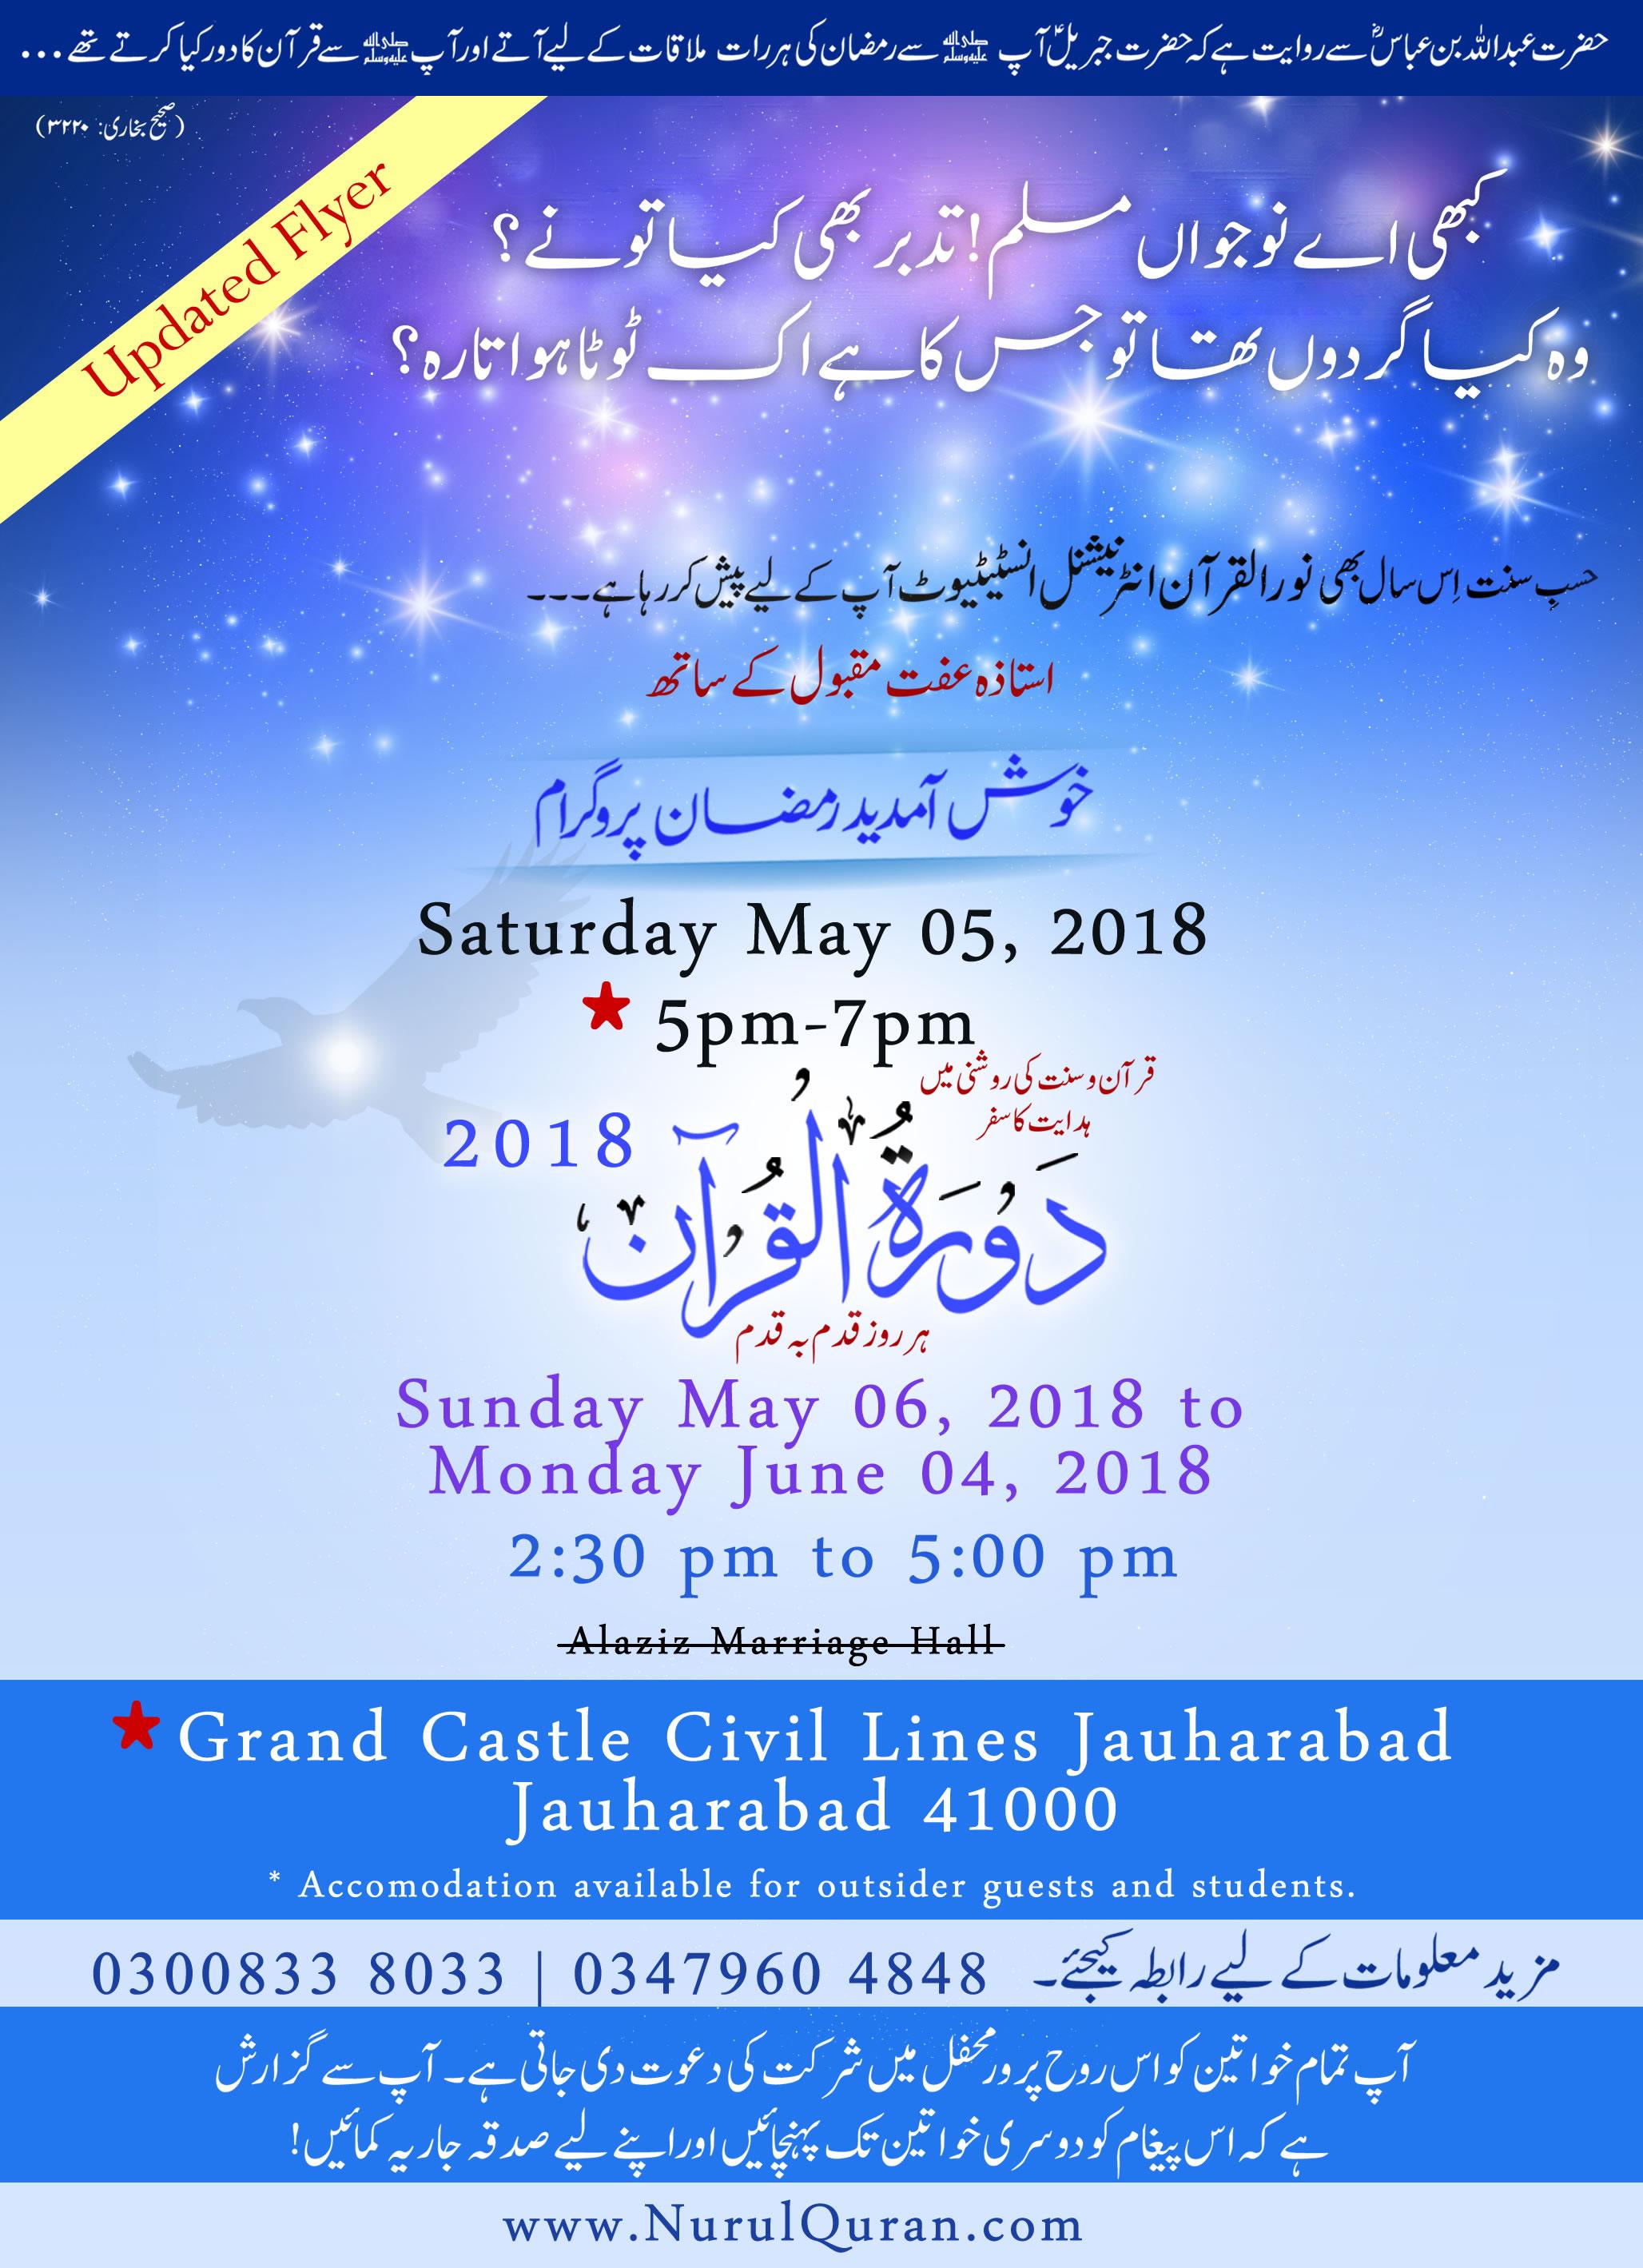 Dawrah E Quran Onsite *LIVE from Jauharabad – NurulQuran